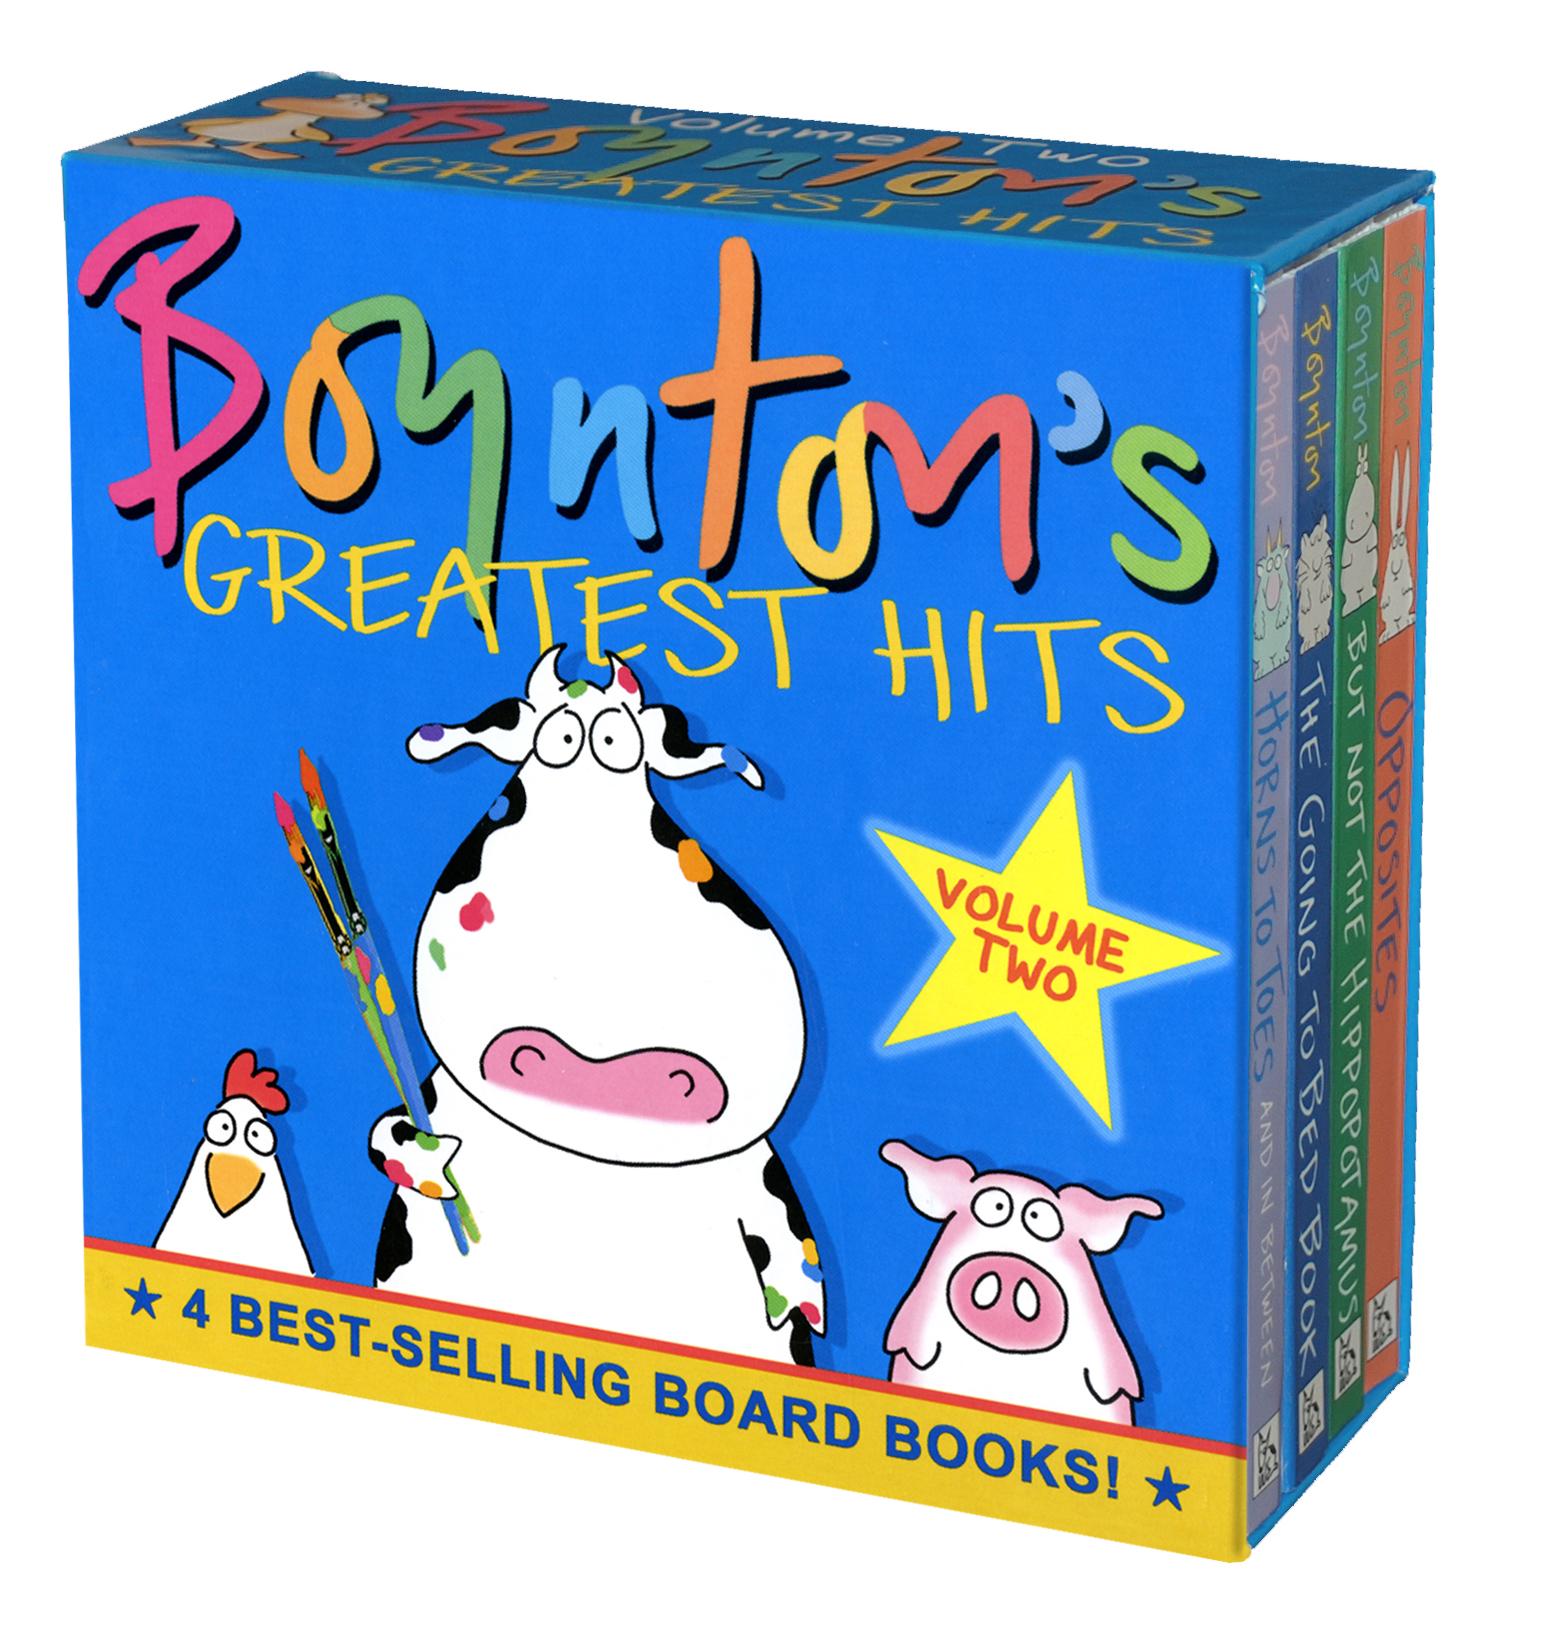 Boynton's Greatest Hits